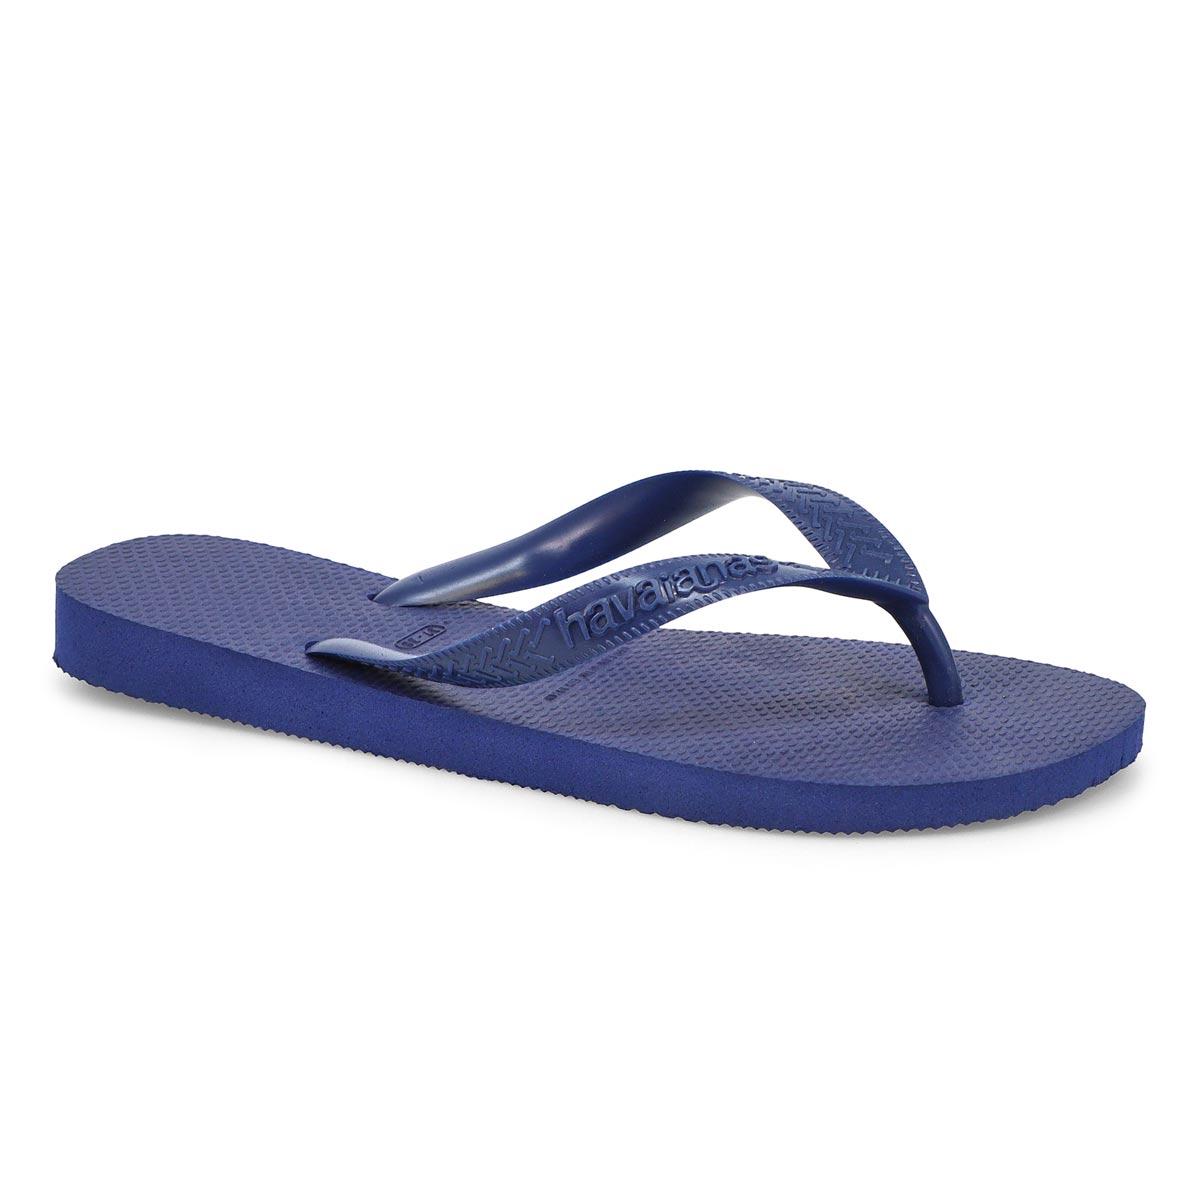 Women's Top Flip Flops - Navy Blue